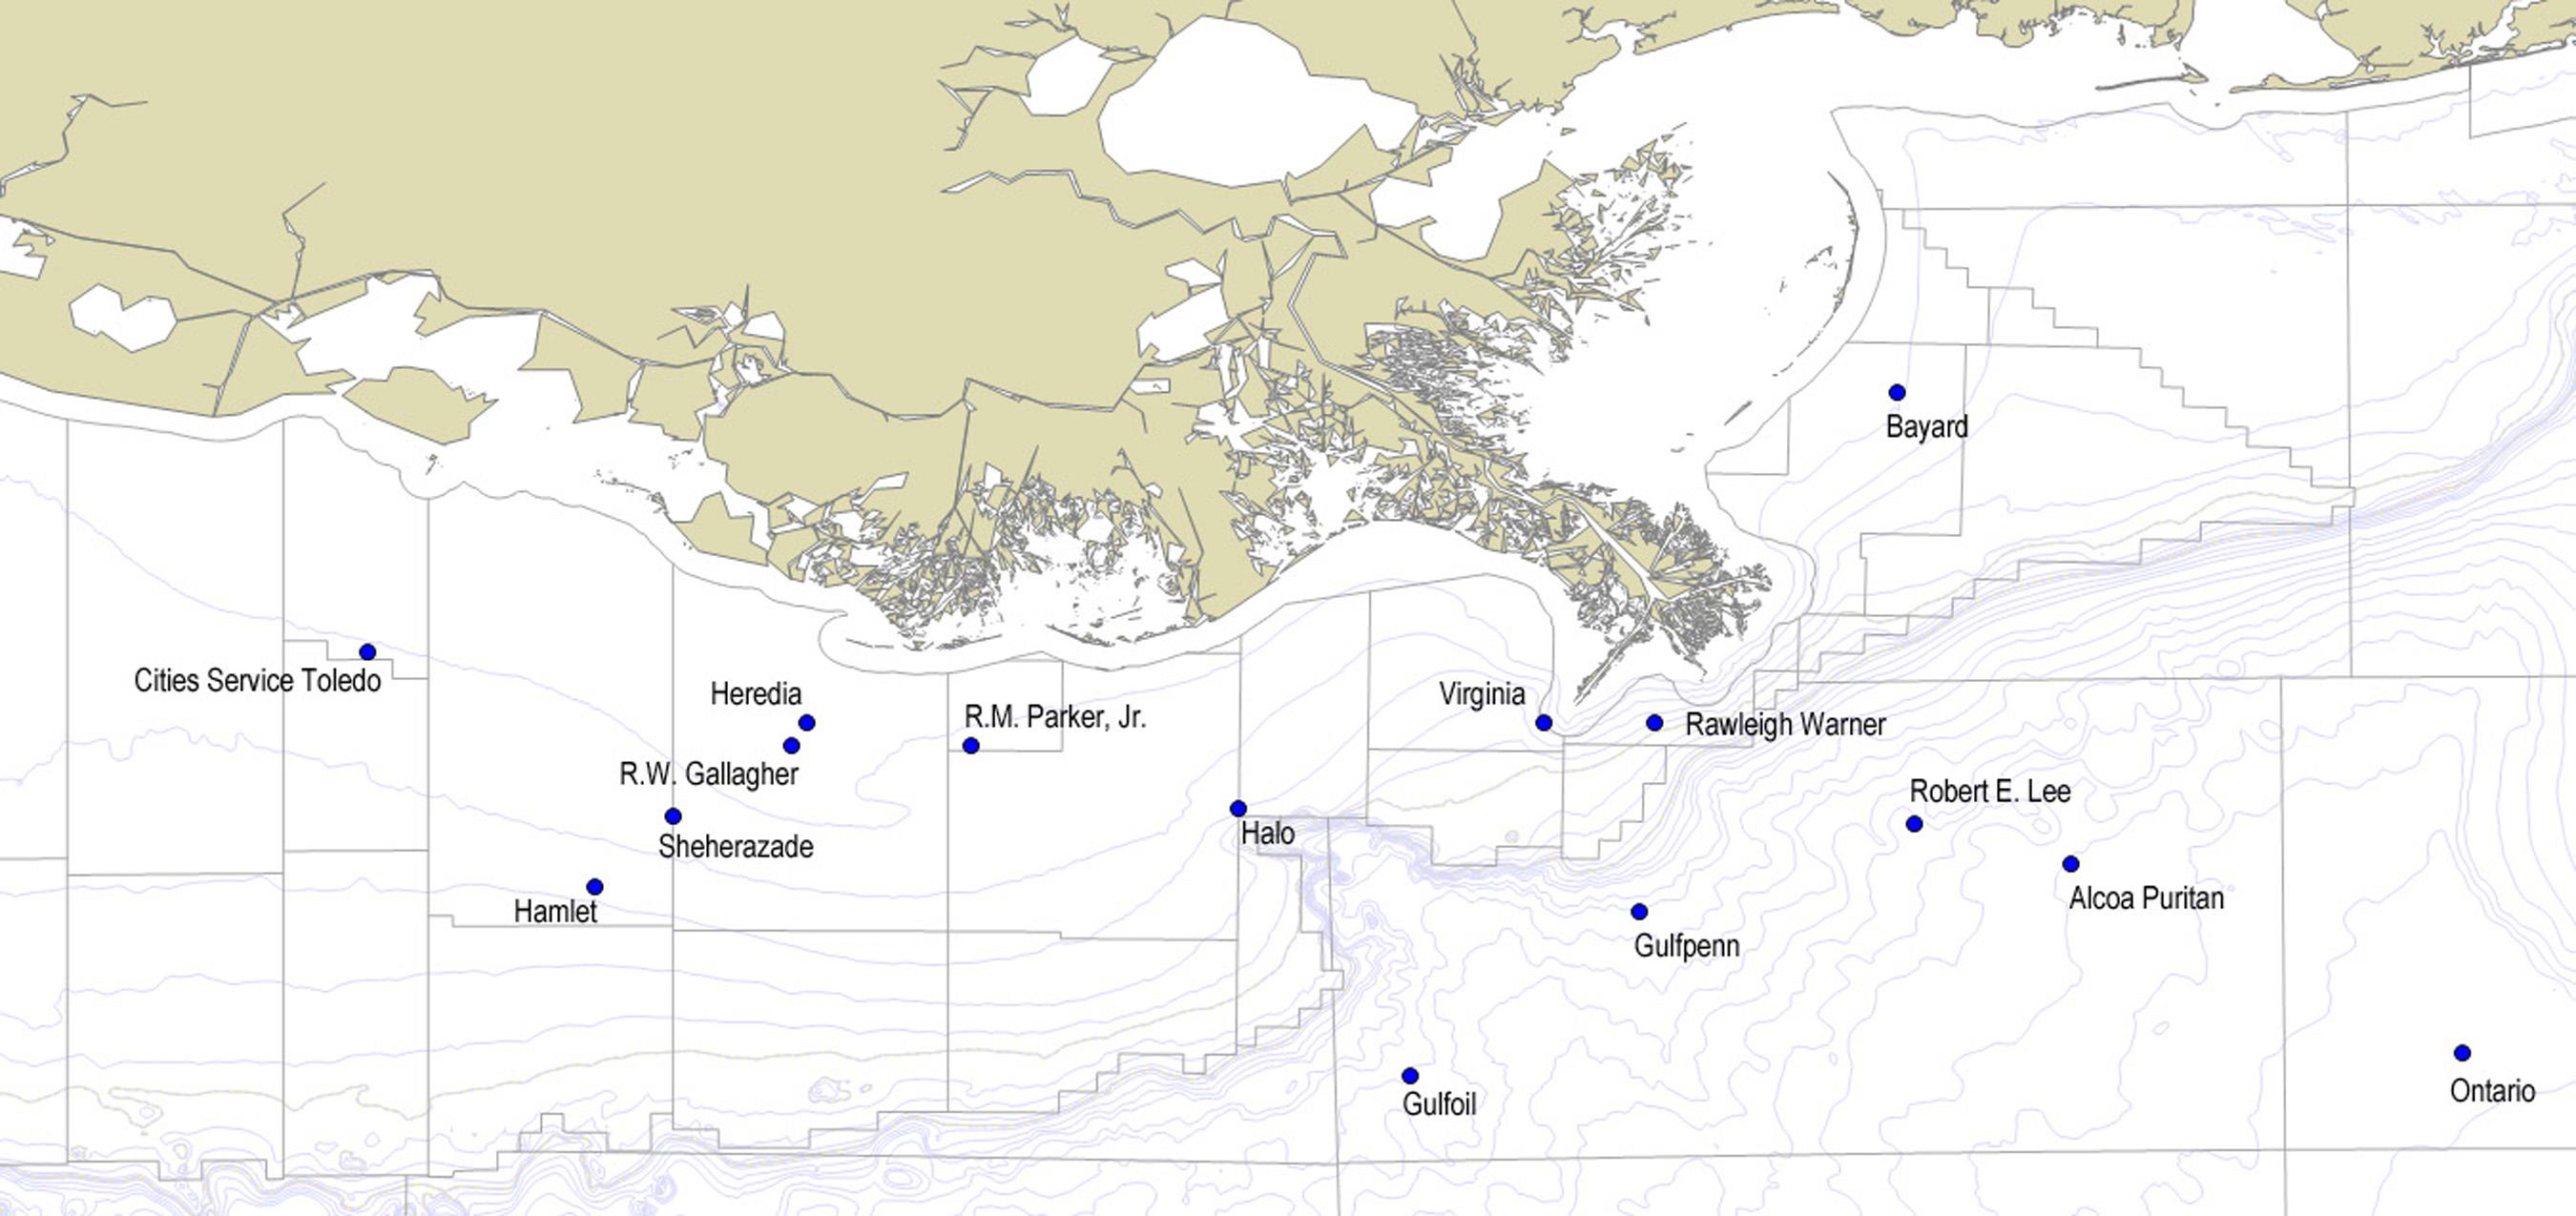 World War Ii | Shipwrecks In The Gulf - Texas Gulf Coast Shipwrecks Map